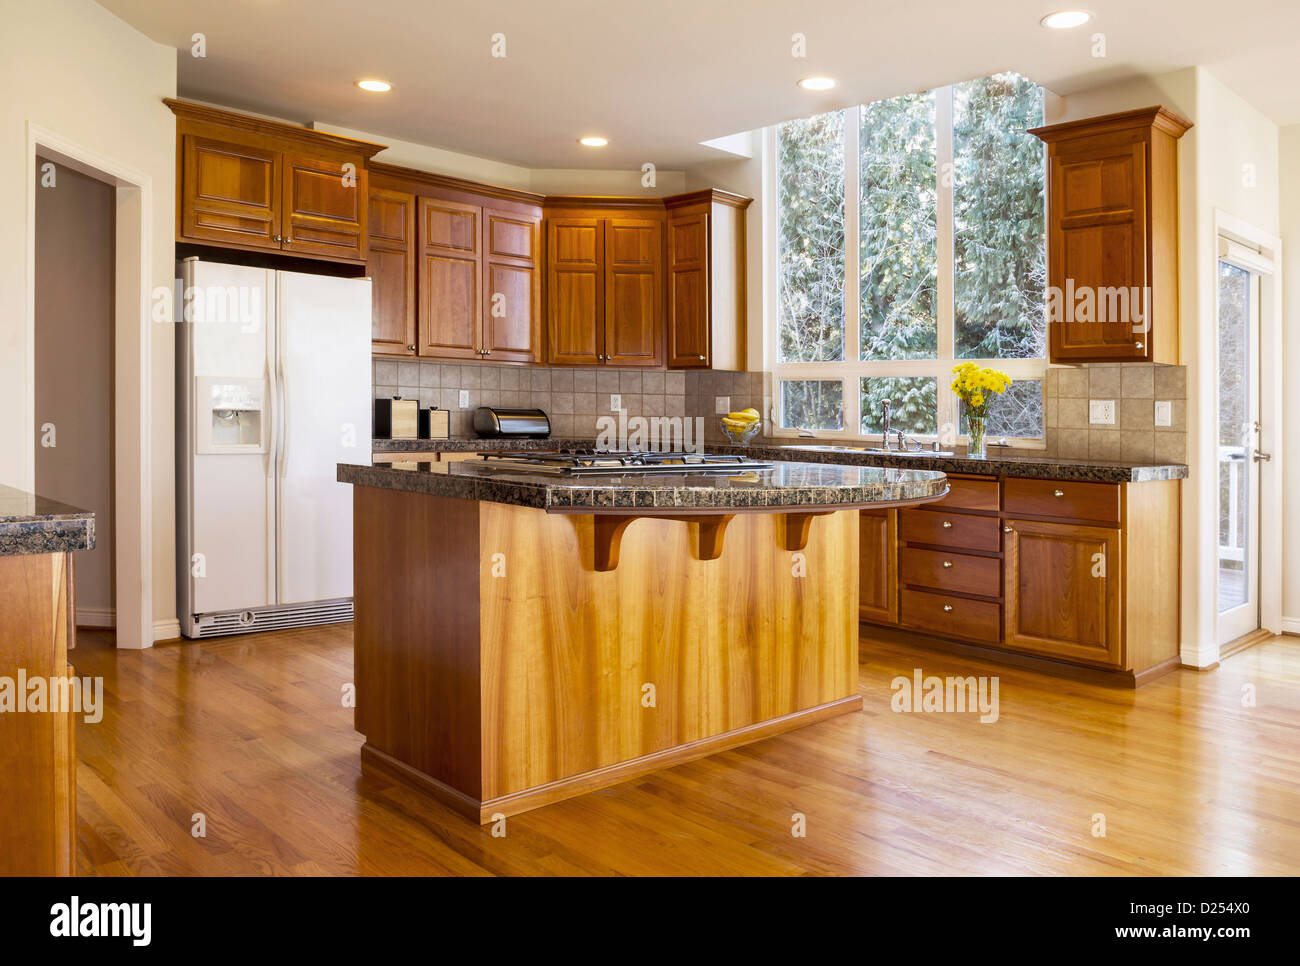 Modernen Tageslicht Küche Mit Rot Eiche Fußböden, Kirsche Holz Schränke,  Stein Gegen